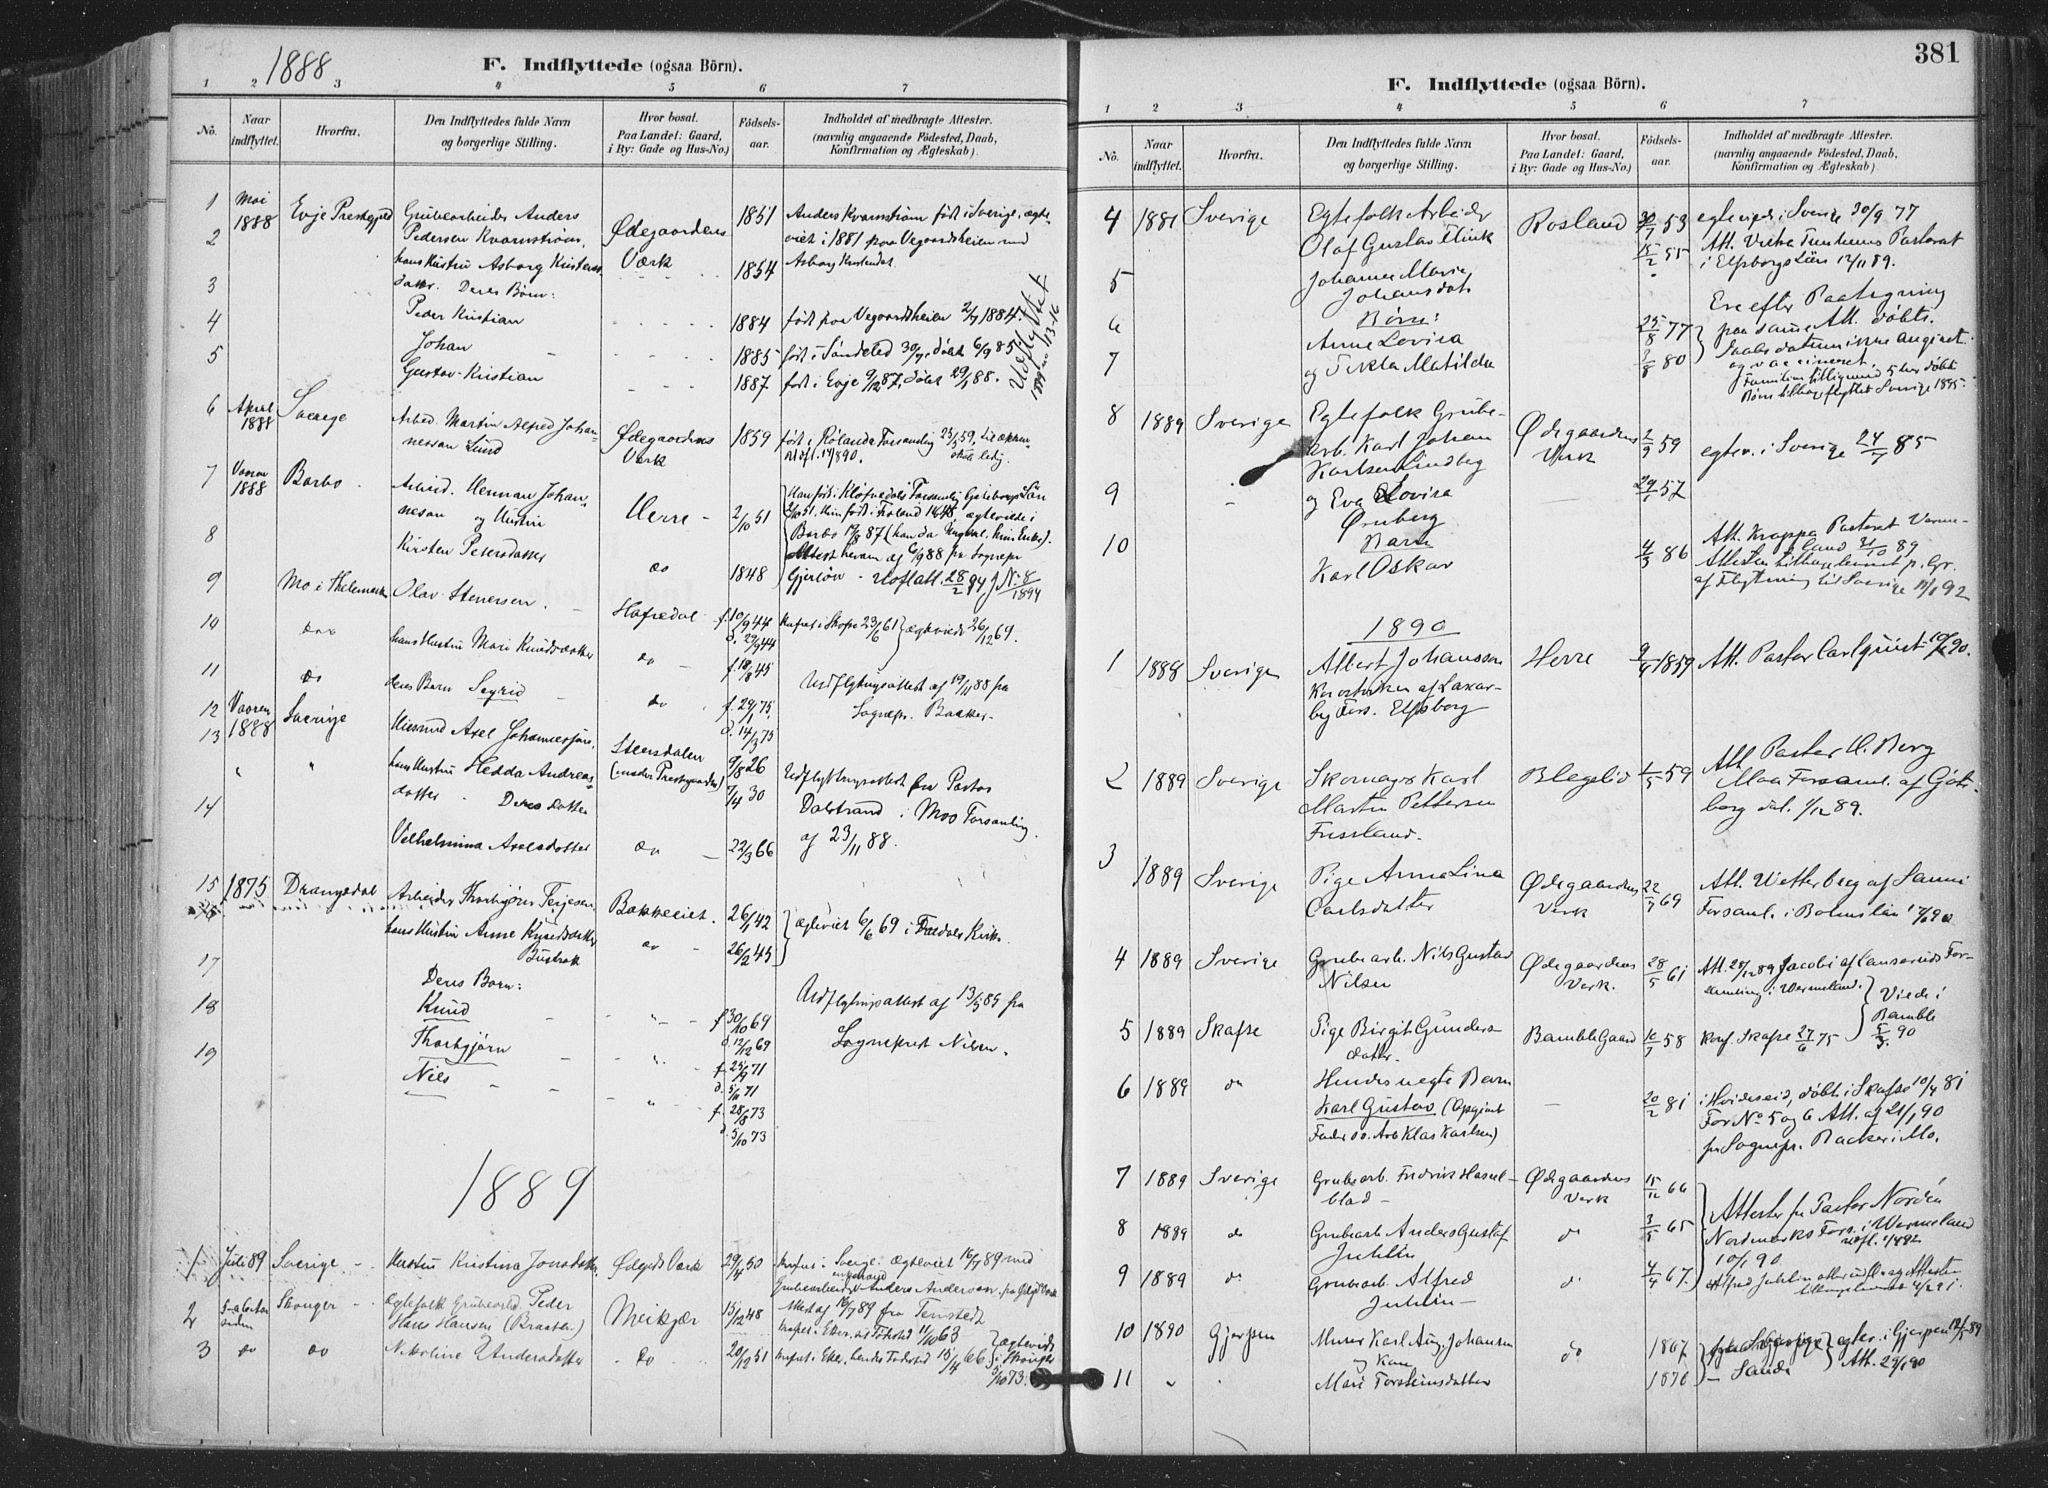 SAKO, Bamble kirkebøker, F/Fa/L0008: Parish register (official) no. I 8, 1888-1900, p. 381